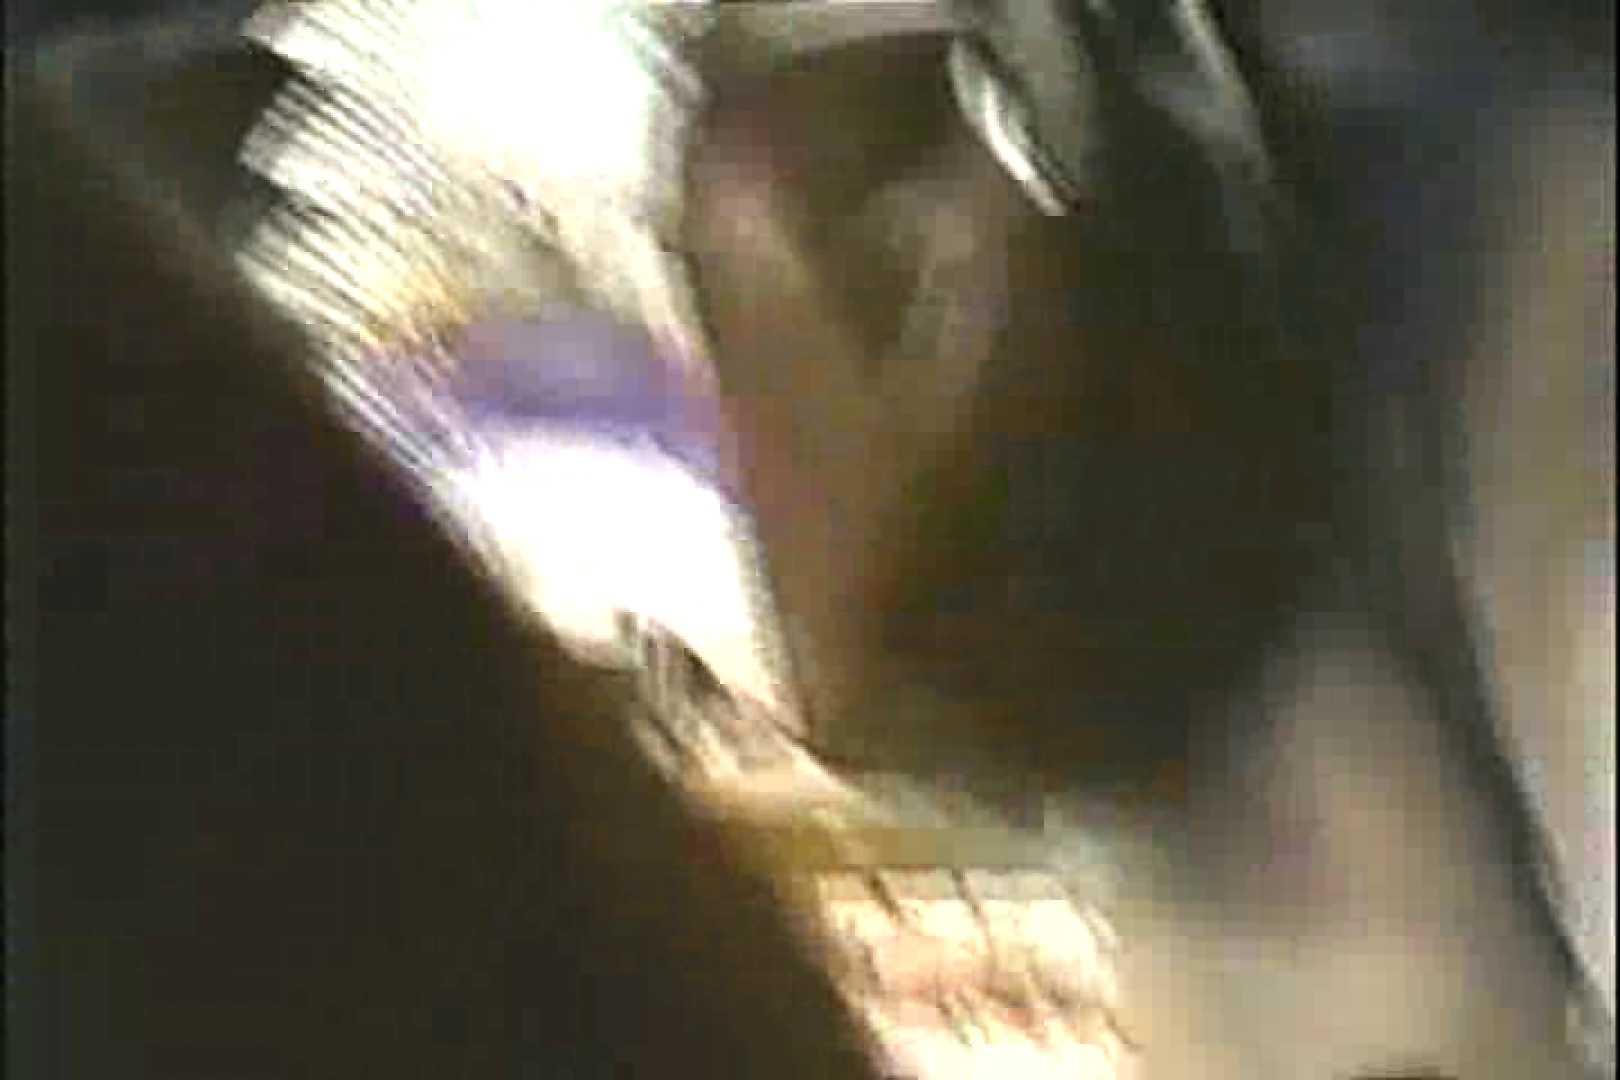 「ちくりん」さんのオリジナル未編集パンチラVol.3_01 下半身 AV動画キャプチャ 101pic 52